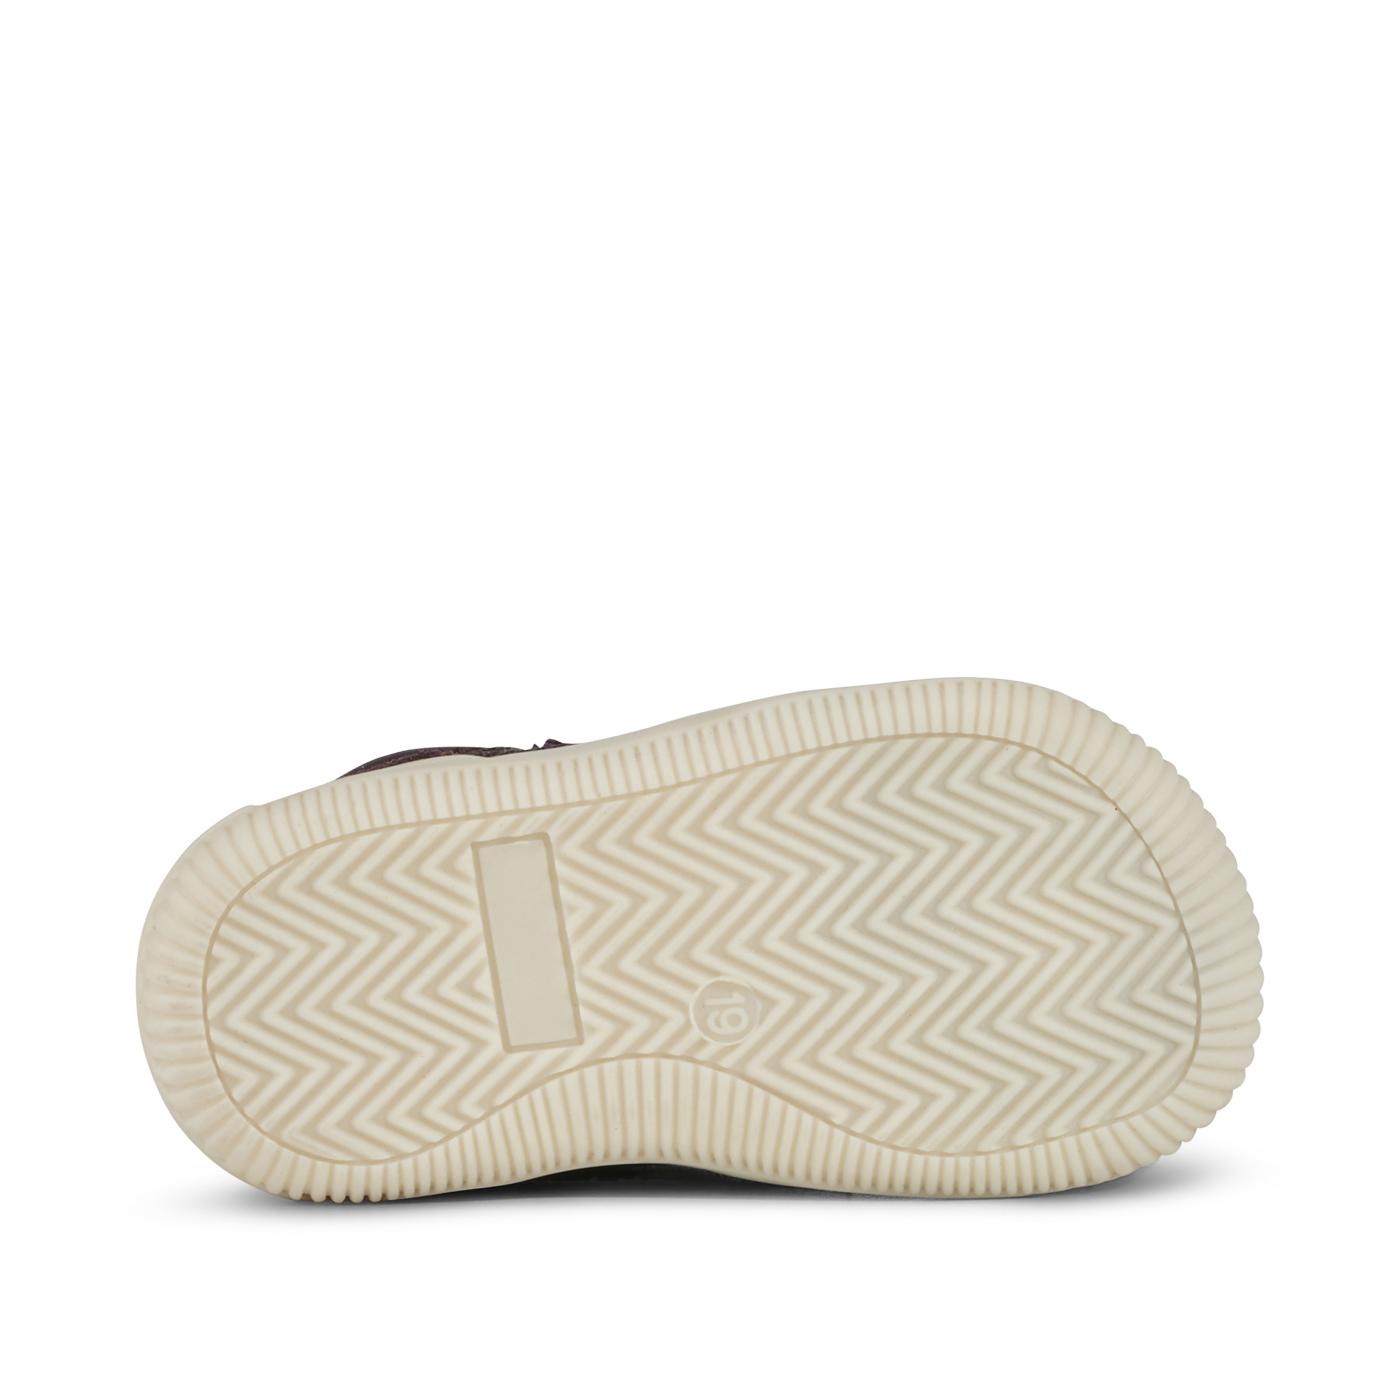 Woden Sneakers, Fudge, 21